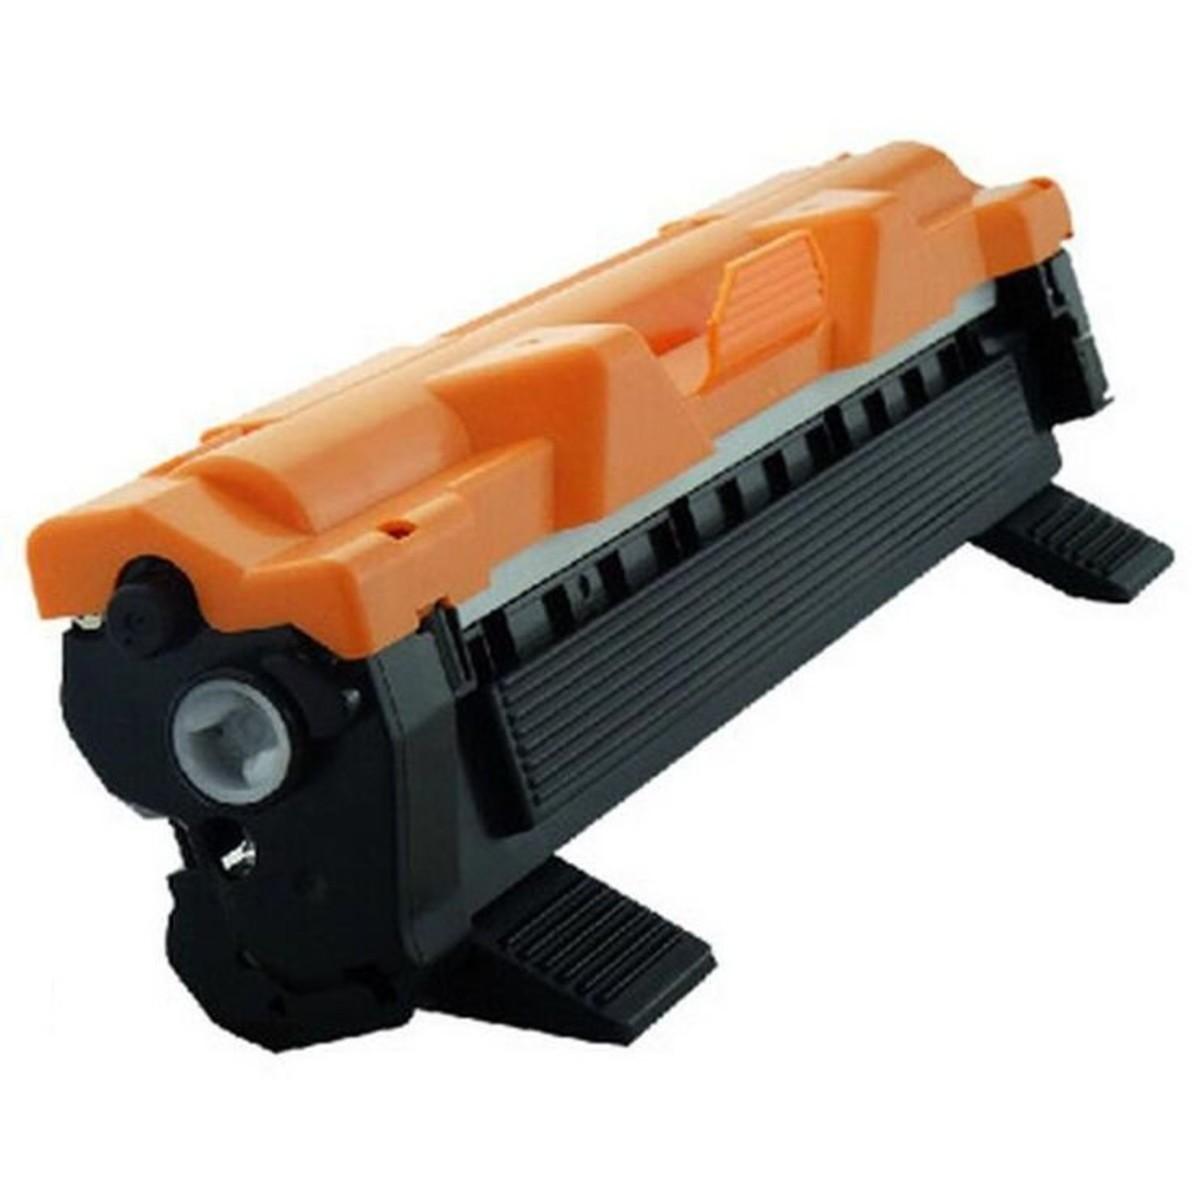 KIT 3 TONER COMPATÍVEL COM BROTHER TN1060 | DCP1602 DCP1512 DCP1617NW HL1112 HL1202 HL1212W